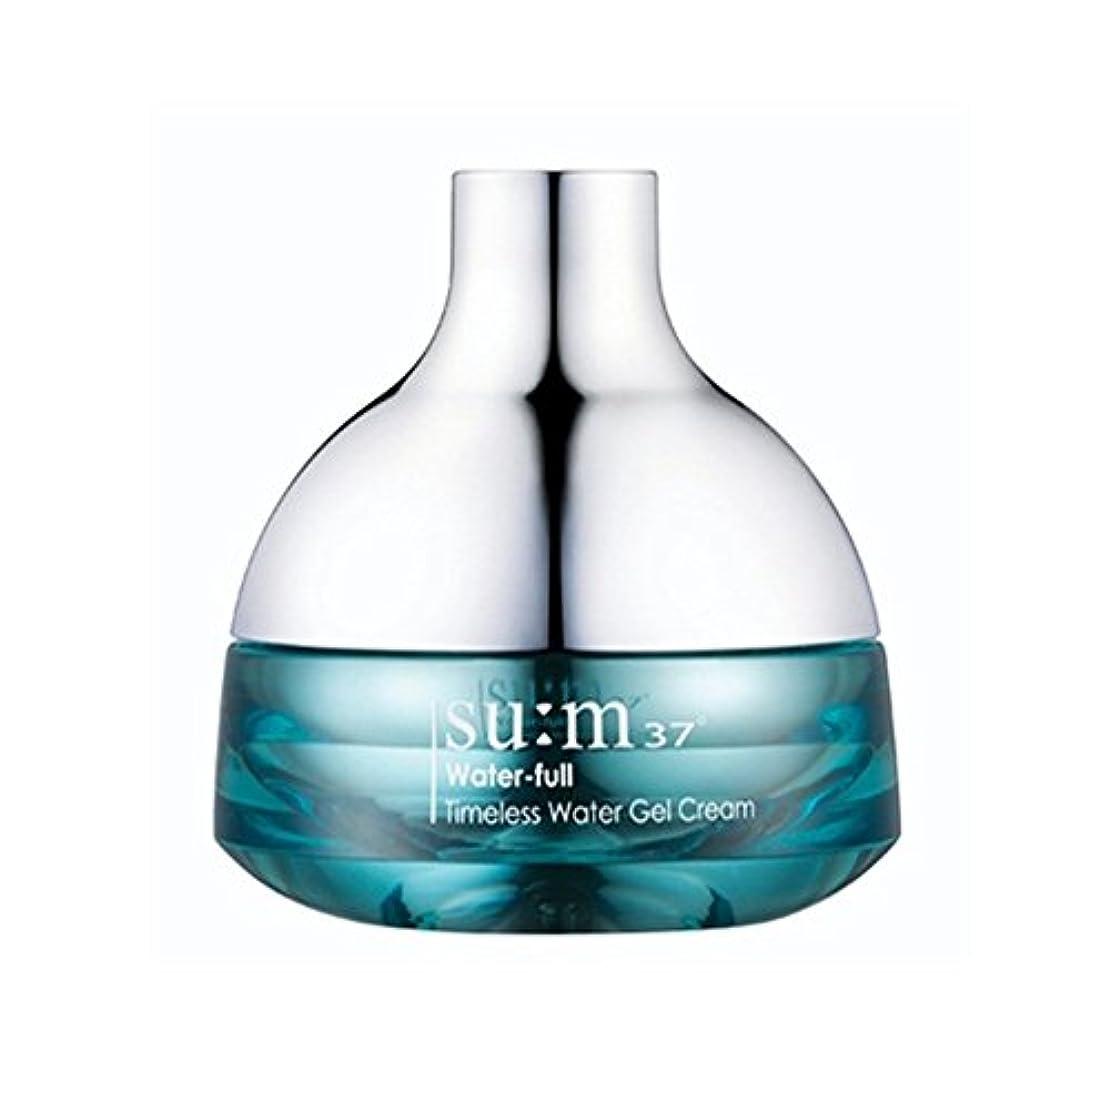 窒息させる主人楽観[su:m37/スム37°] SUM37 Water-full Timeless Water Gel Cream 50ml/WF07 sum37 ウォータフル タイムレス ウォータージェルクリーム 50ml +[Sample...